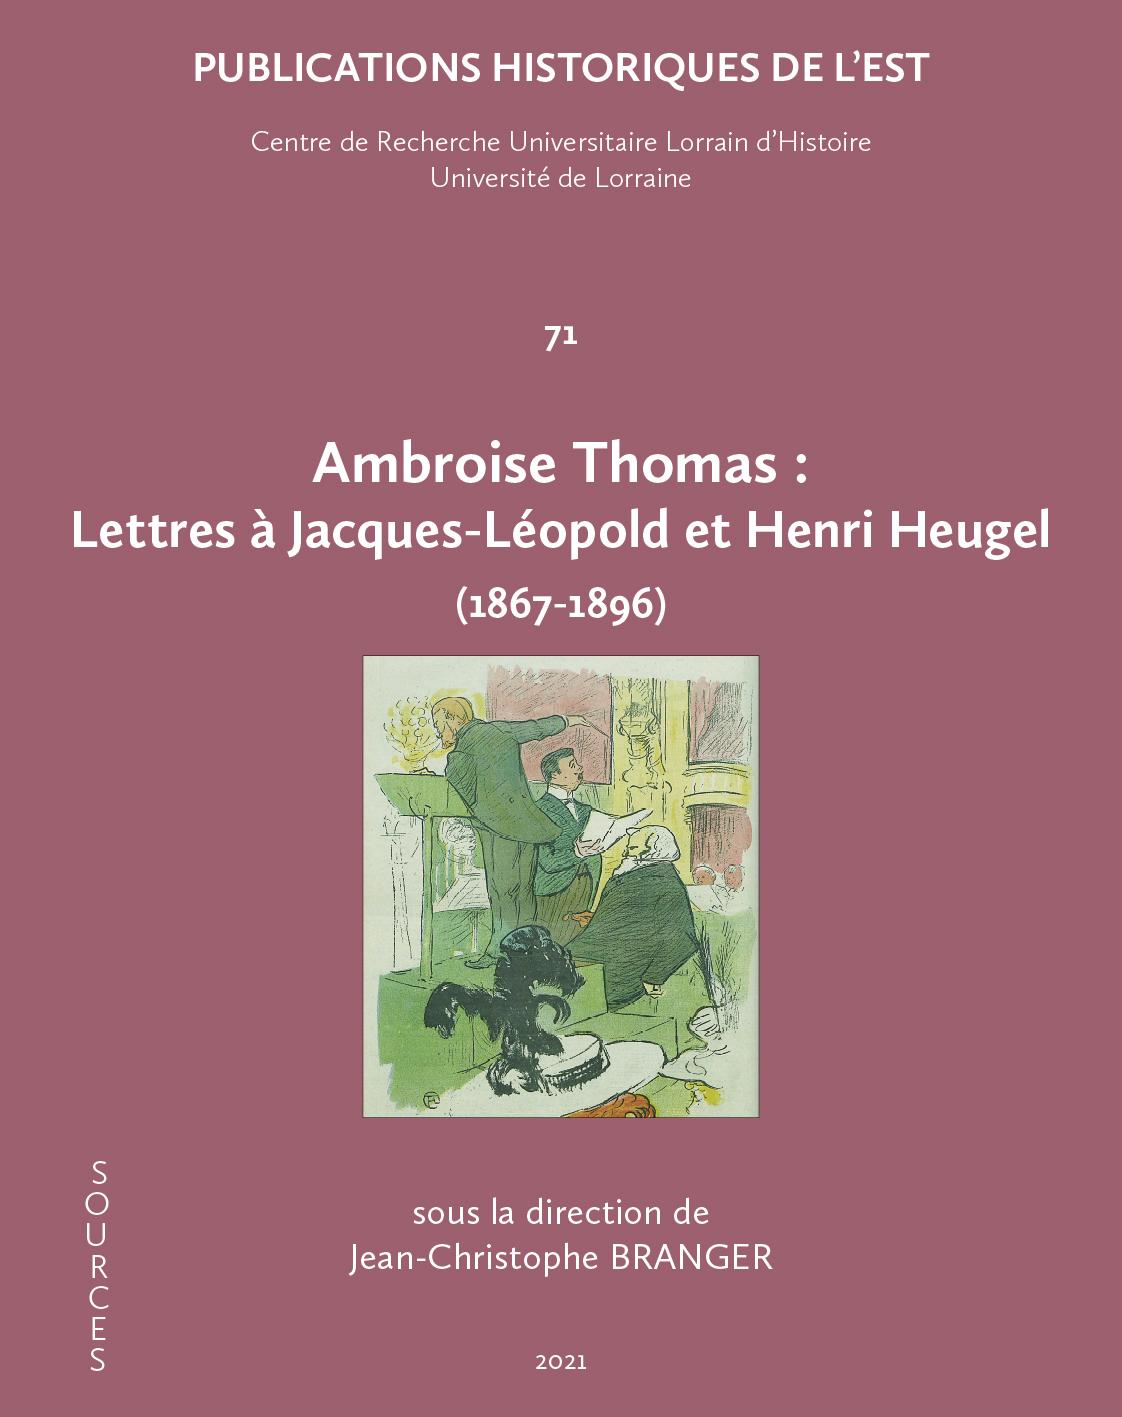 Ambroise Thomas, lettres à Jacques-Léopold et Henri Heugel (1867-1896)}